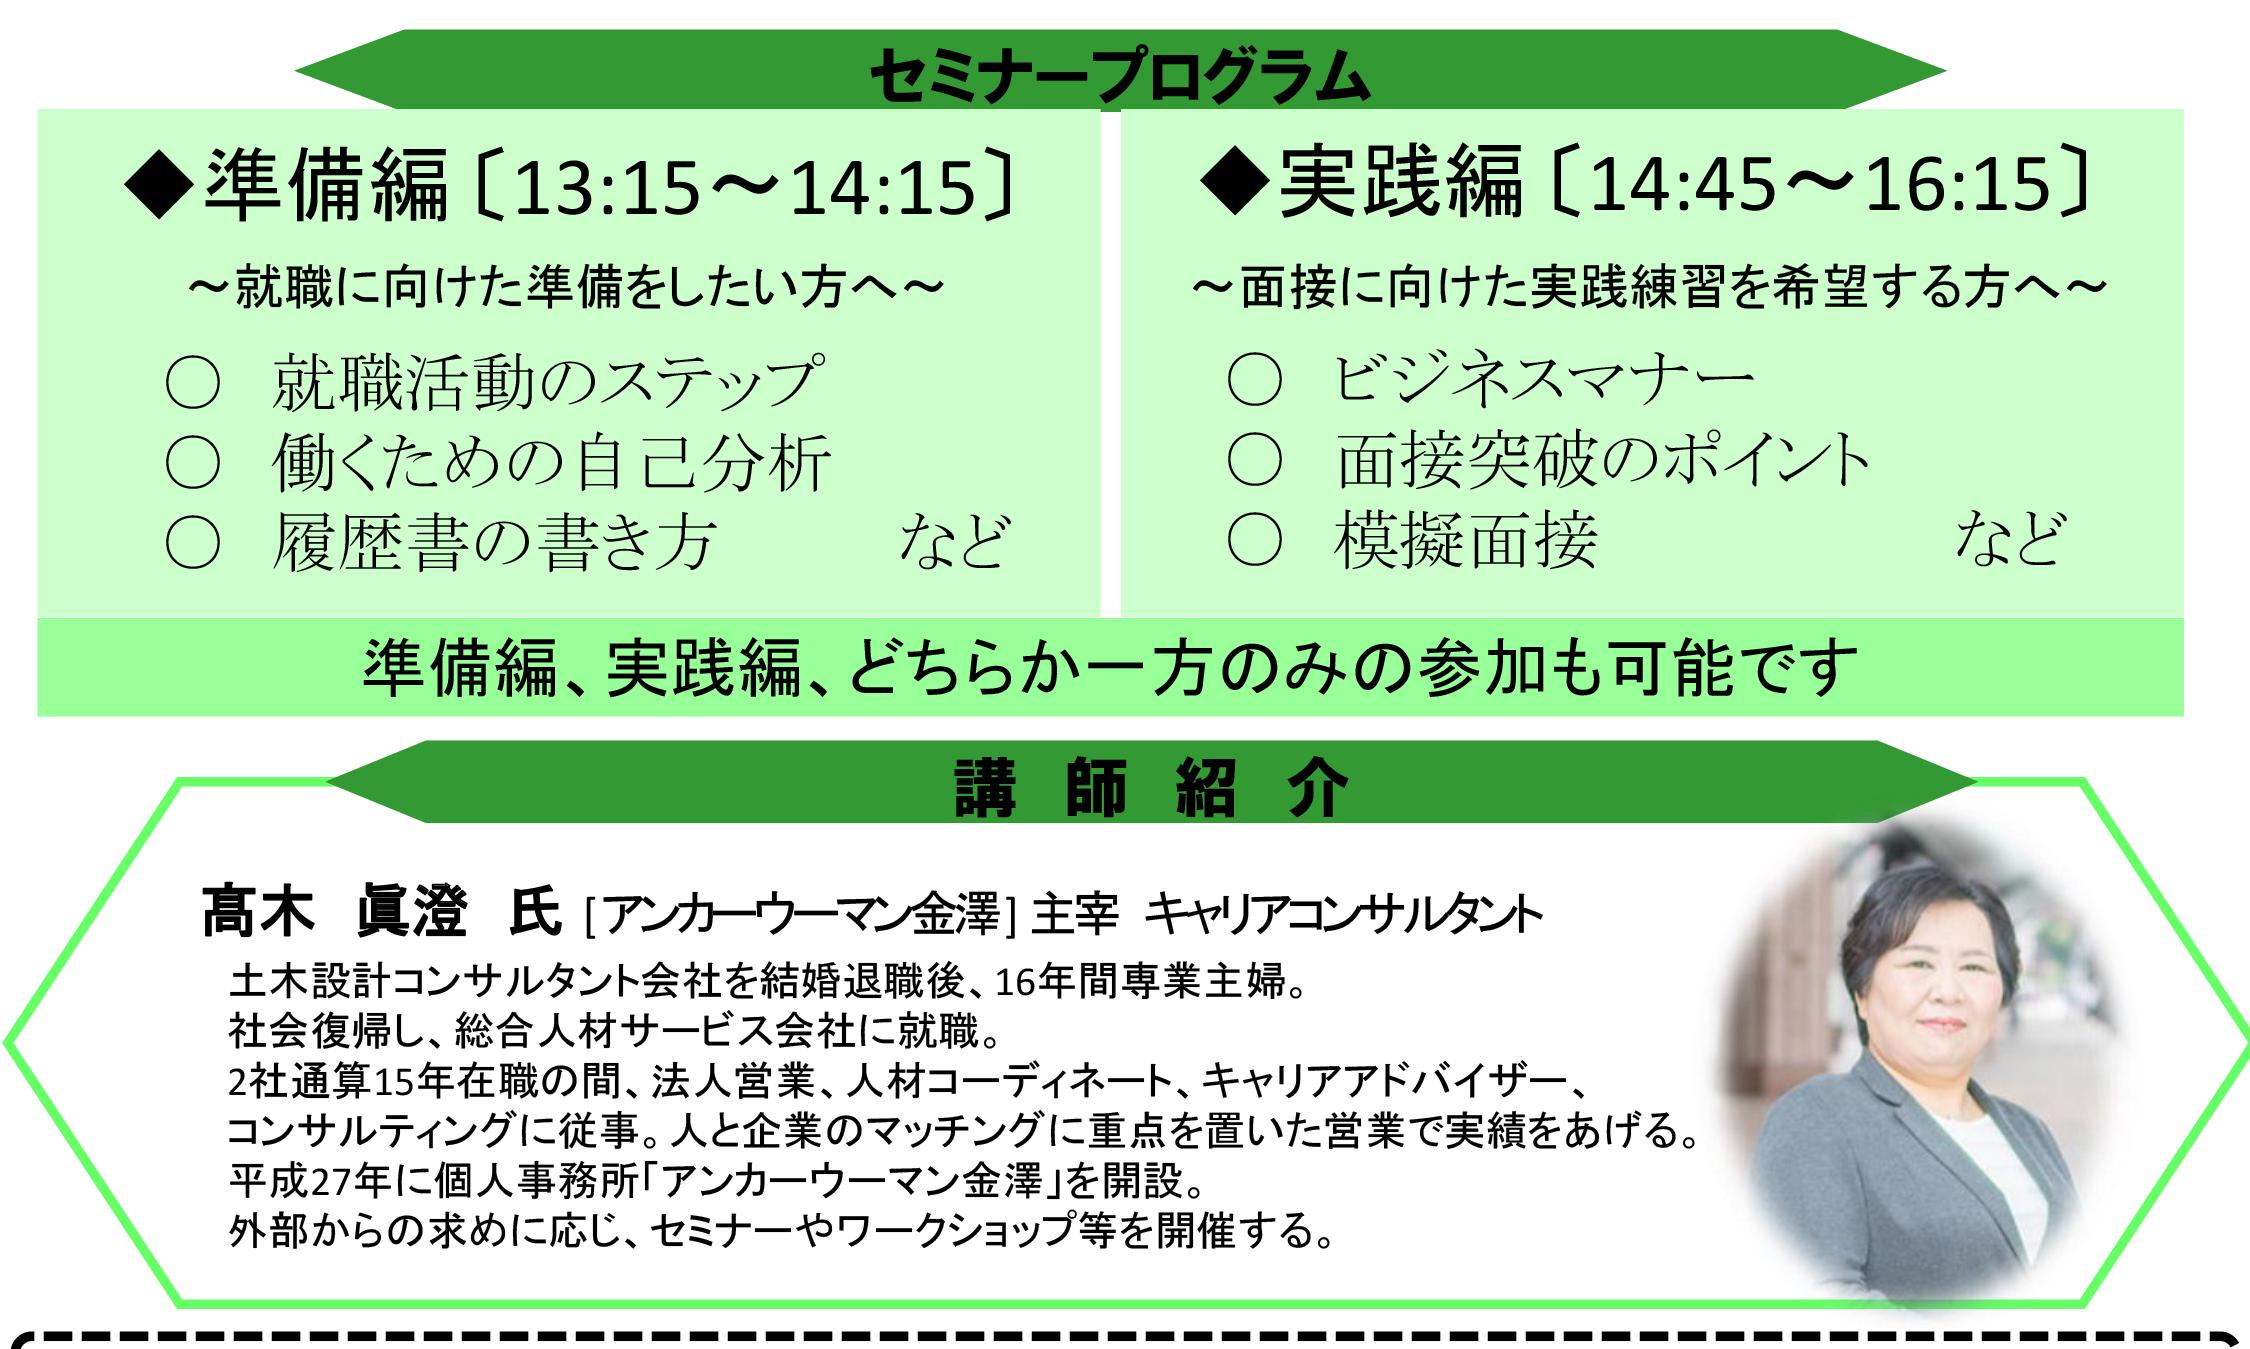 石川県商工労働部「障害者就職応援セミナー」2020/10